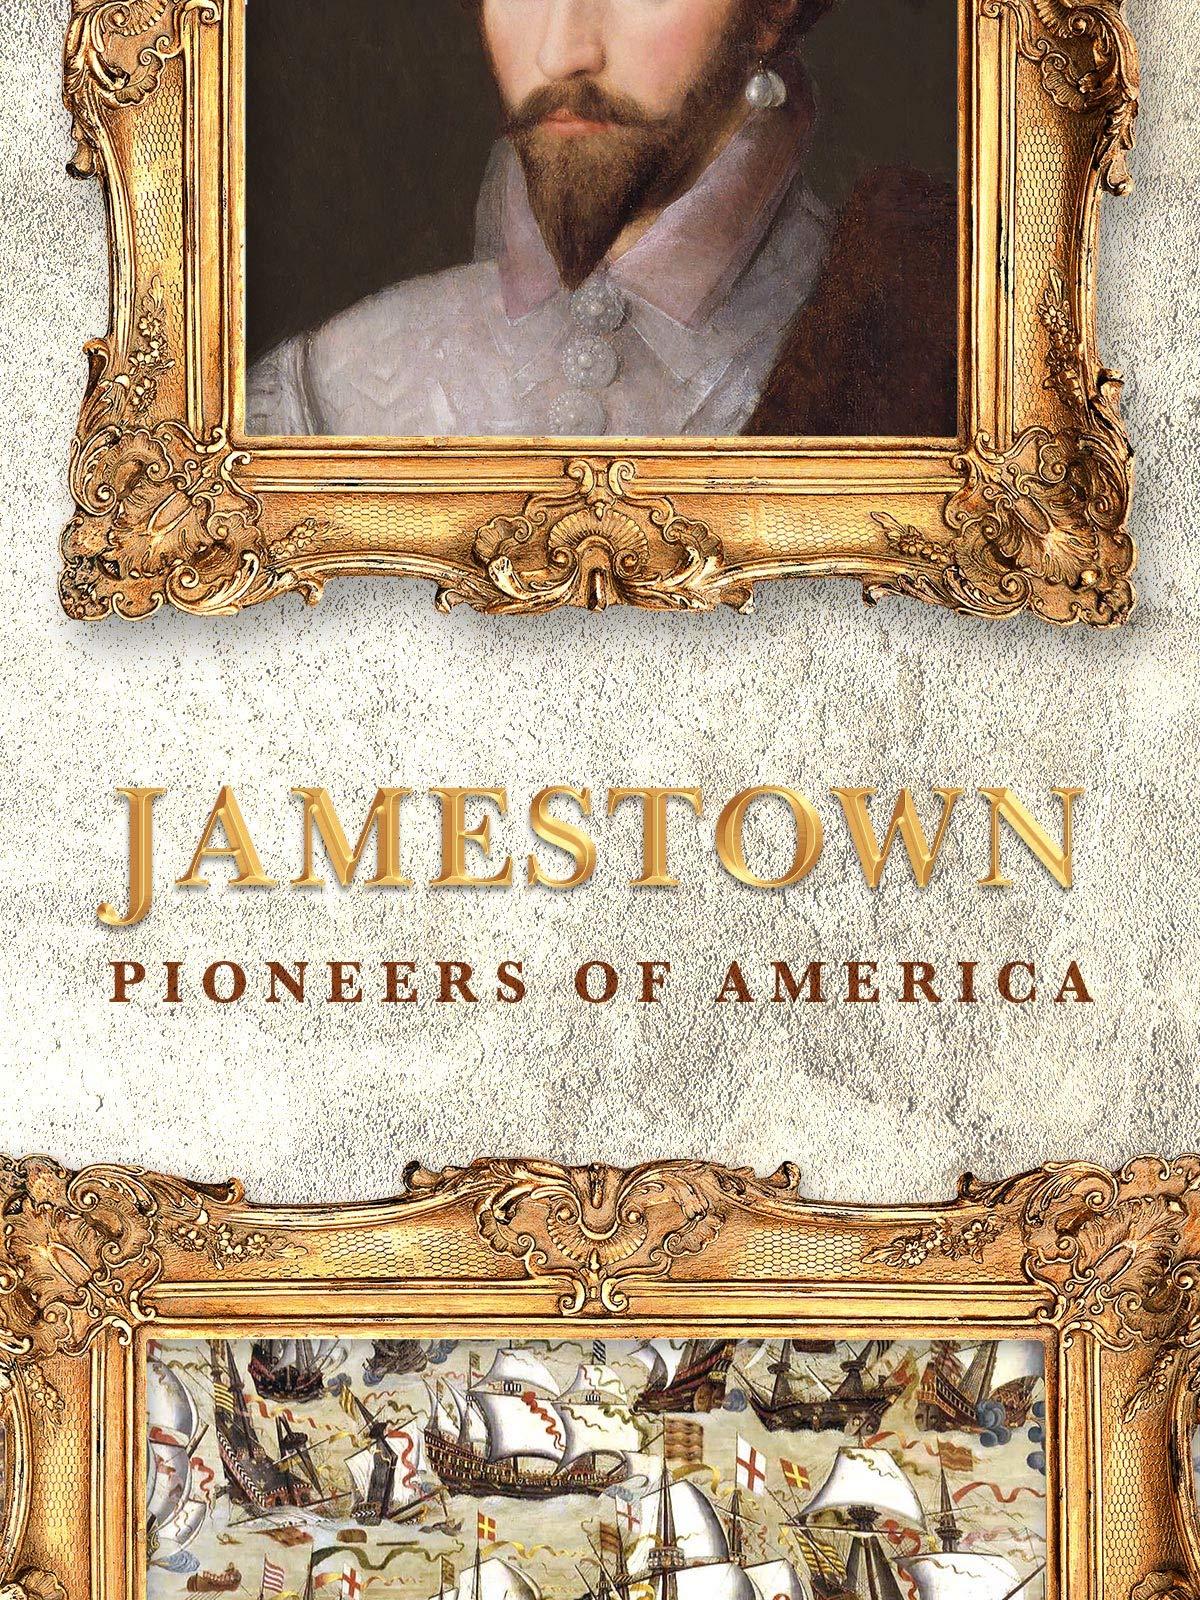 Jamestown Pioneers of America